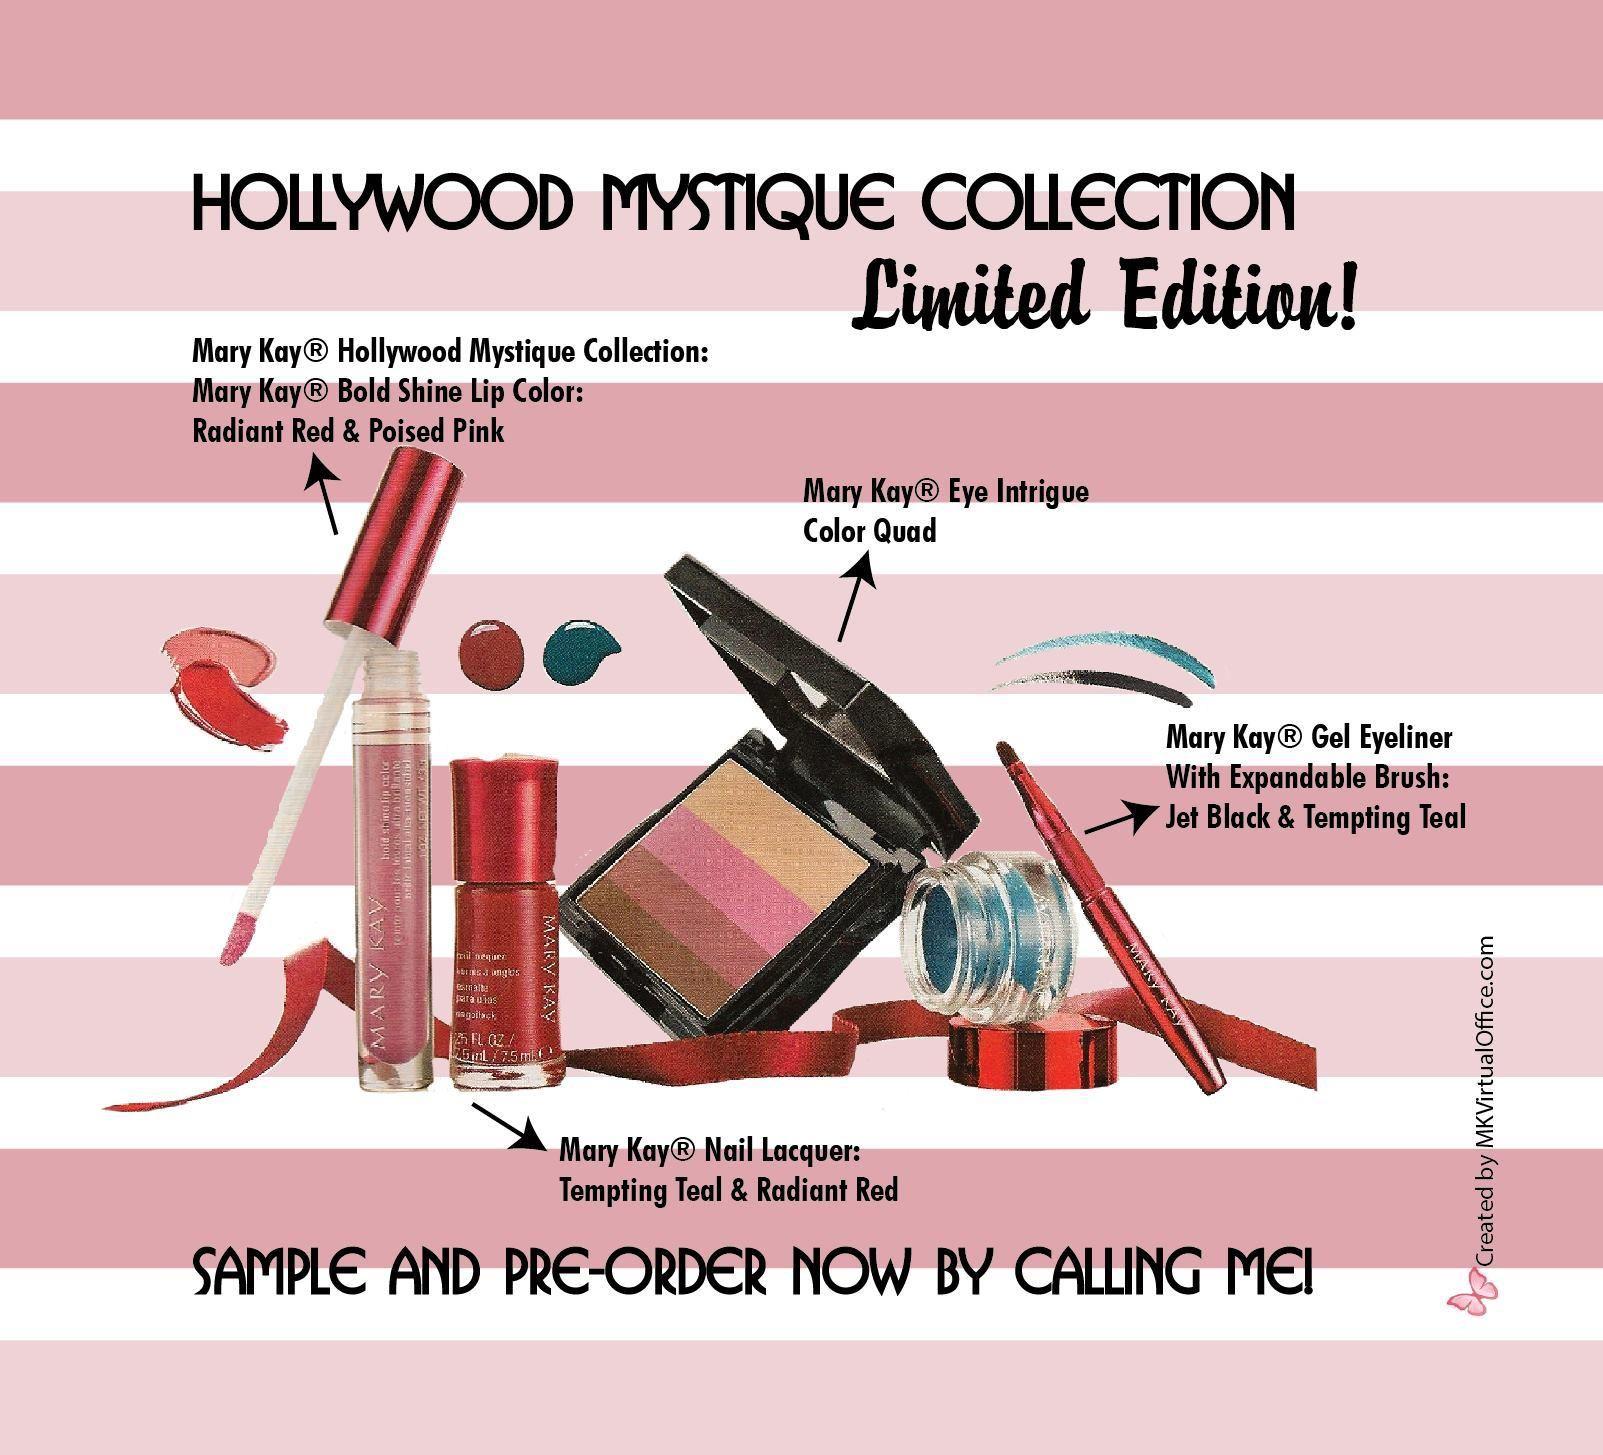 Hollywood Mystique...AMAZING!